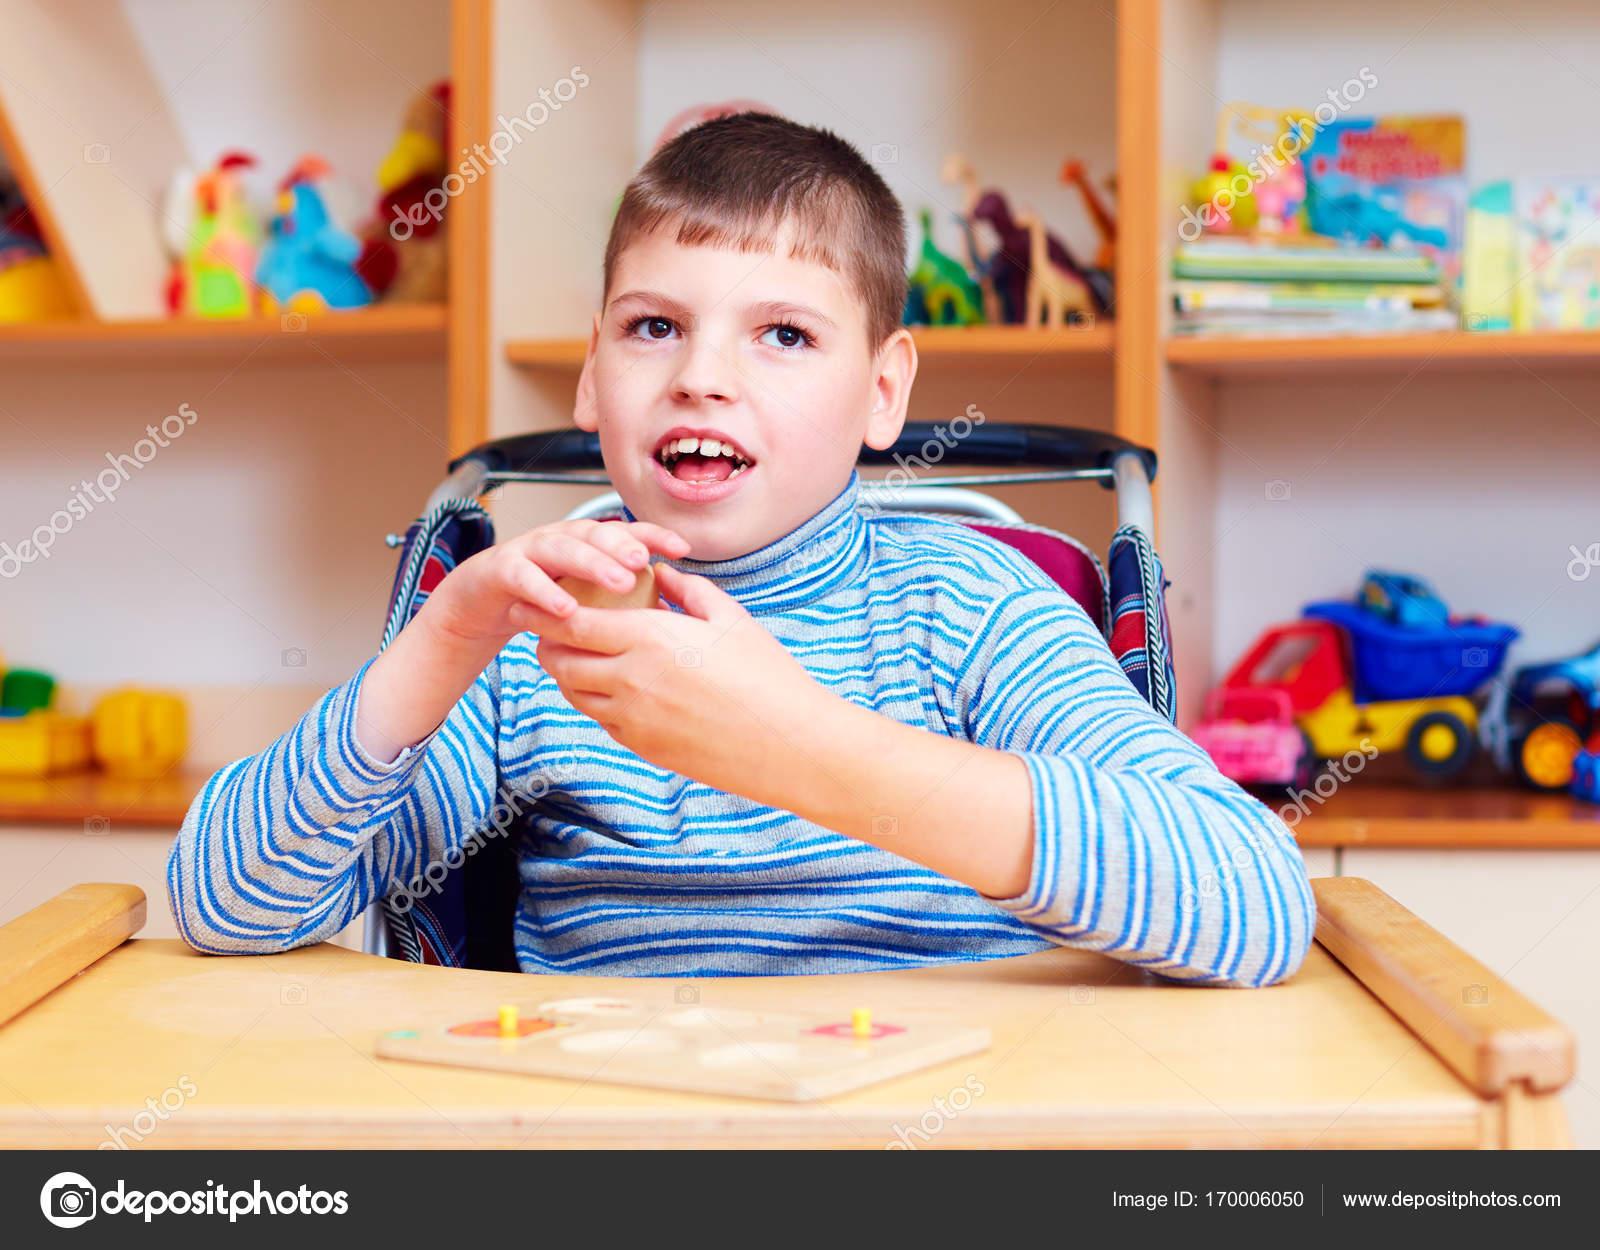 Imágenes Niños Discapacitados En La Escuela Para Colorear